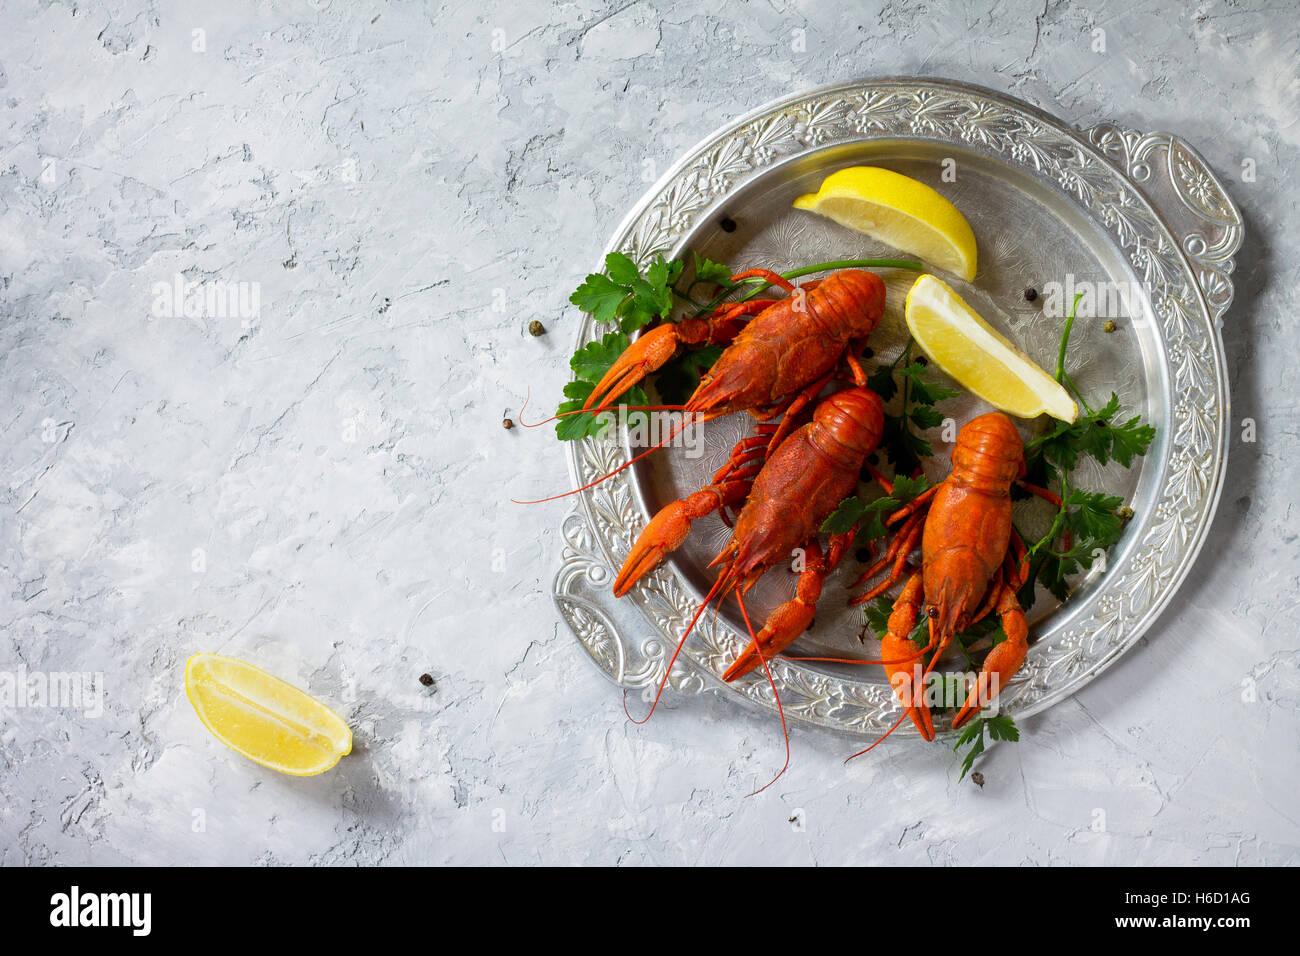 Las langostas cocidas, limón y perejil sobre un fondo de hormigón. Fondo de alimentos. El concepto de Imagen De Stock